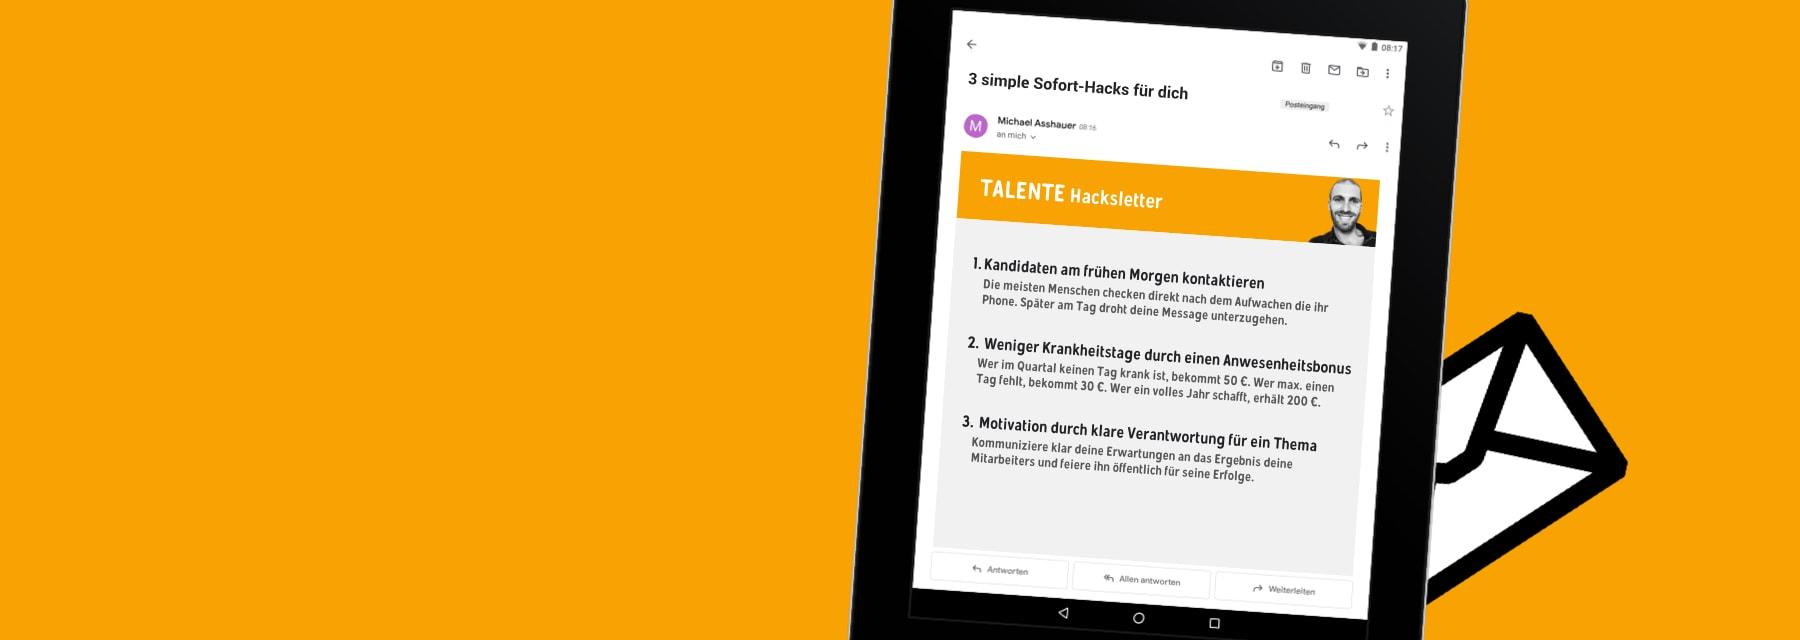 Der TALENTE Hacksletter Infoletter - Ideen und Tricks zum Finden, Führen und Binden der besten Mitarbeiter